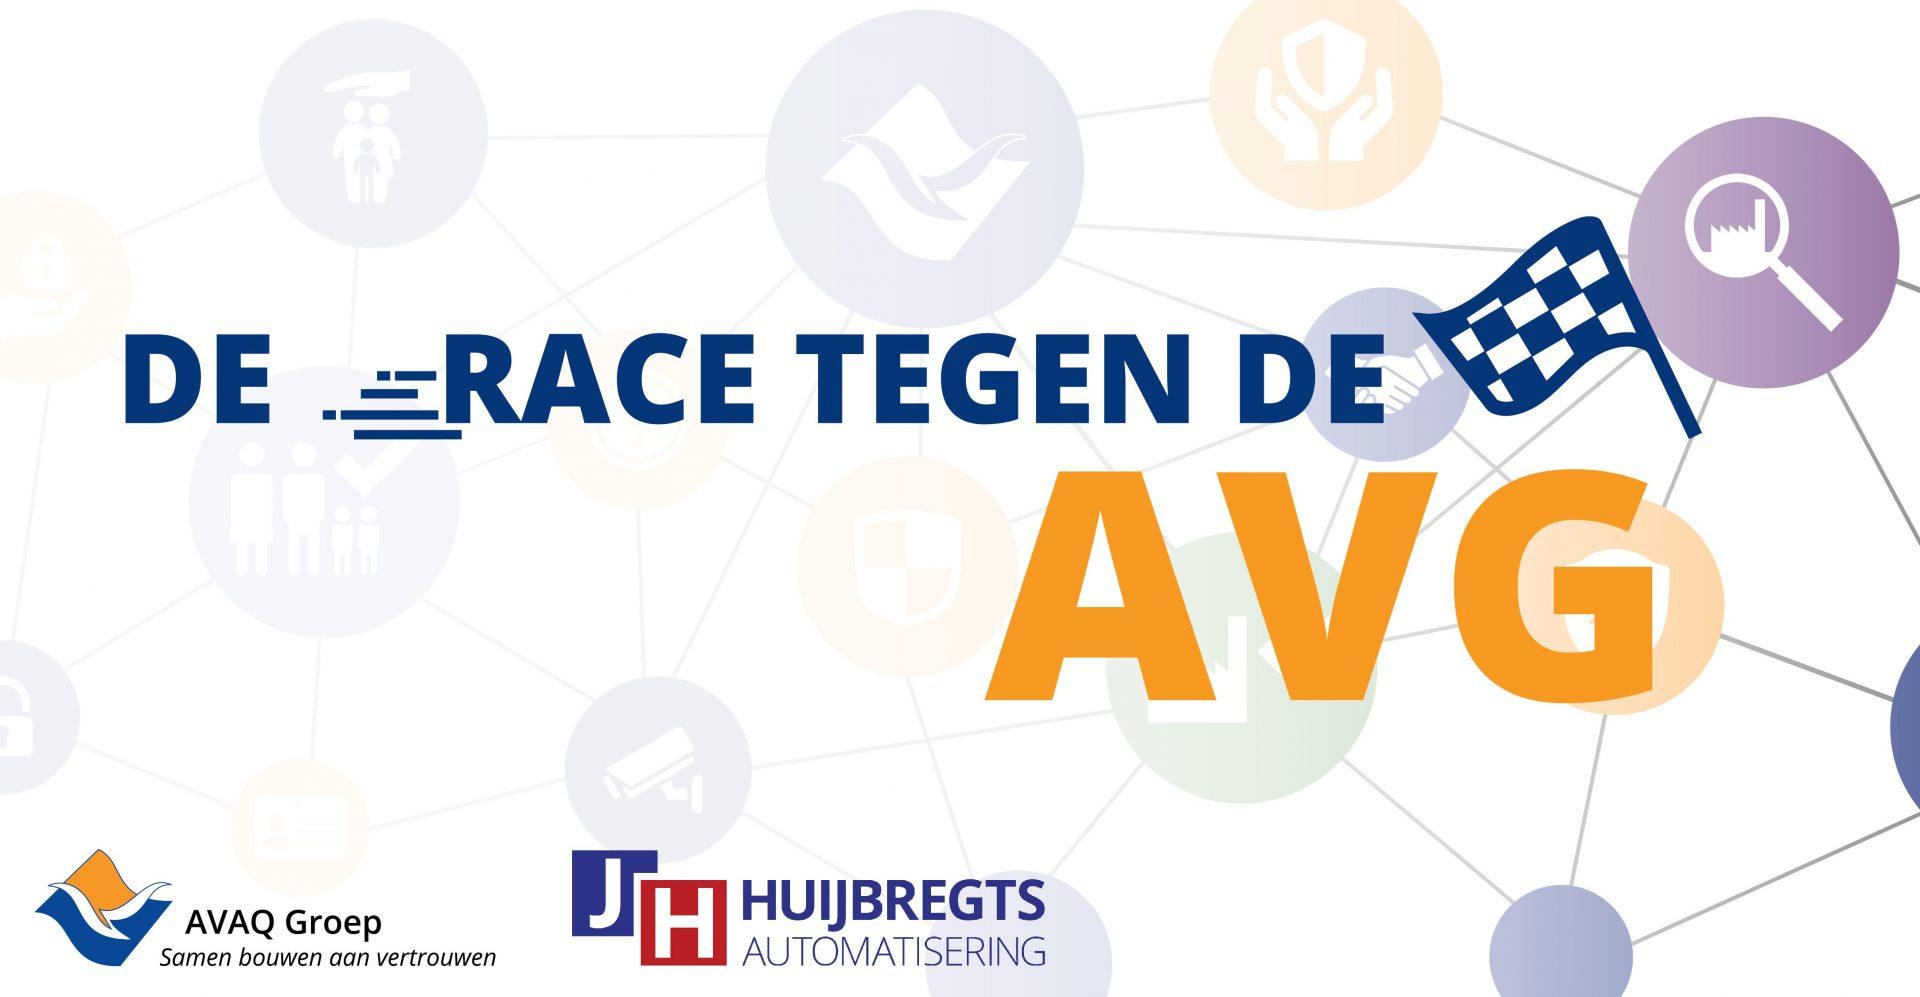 Race tegen de AVG